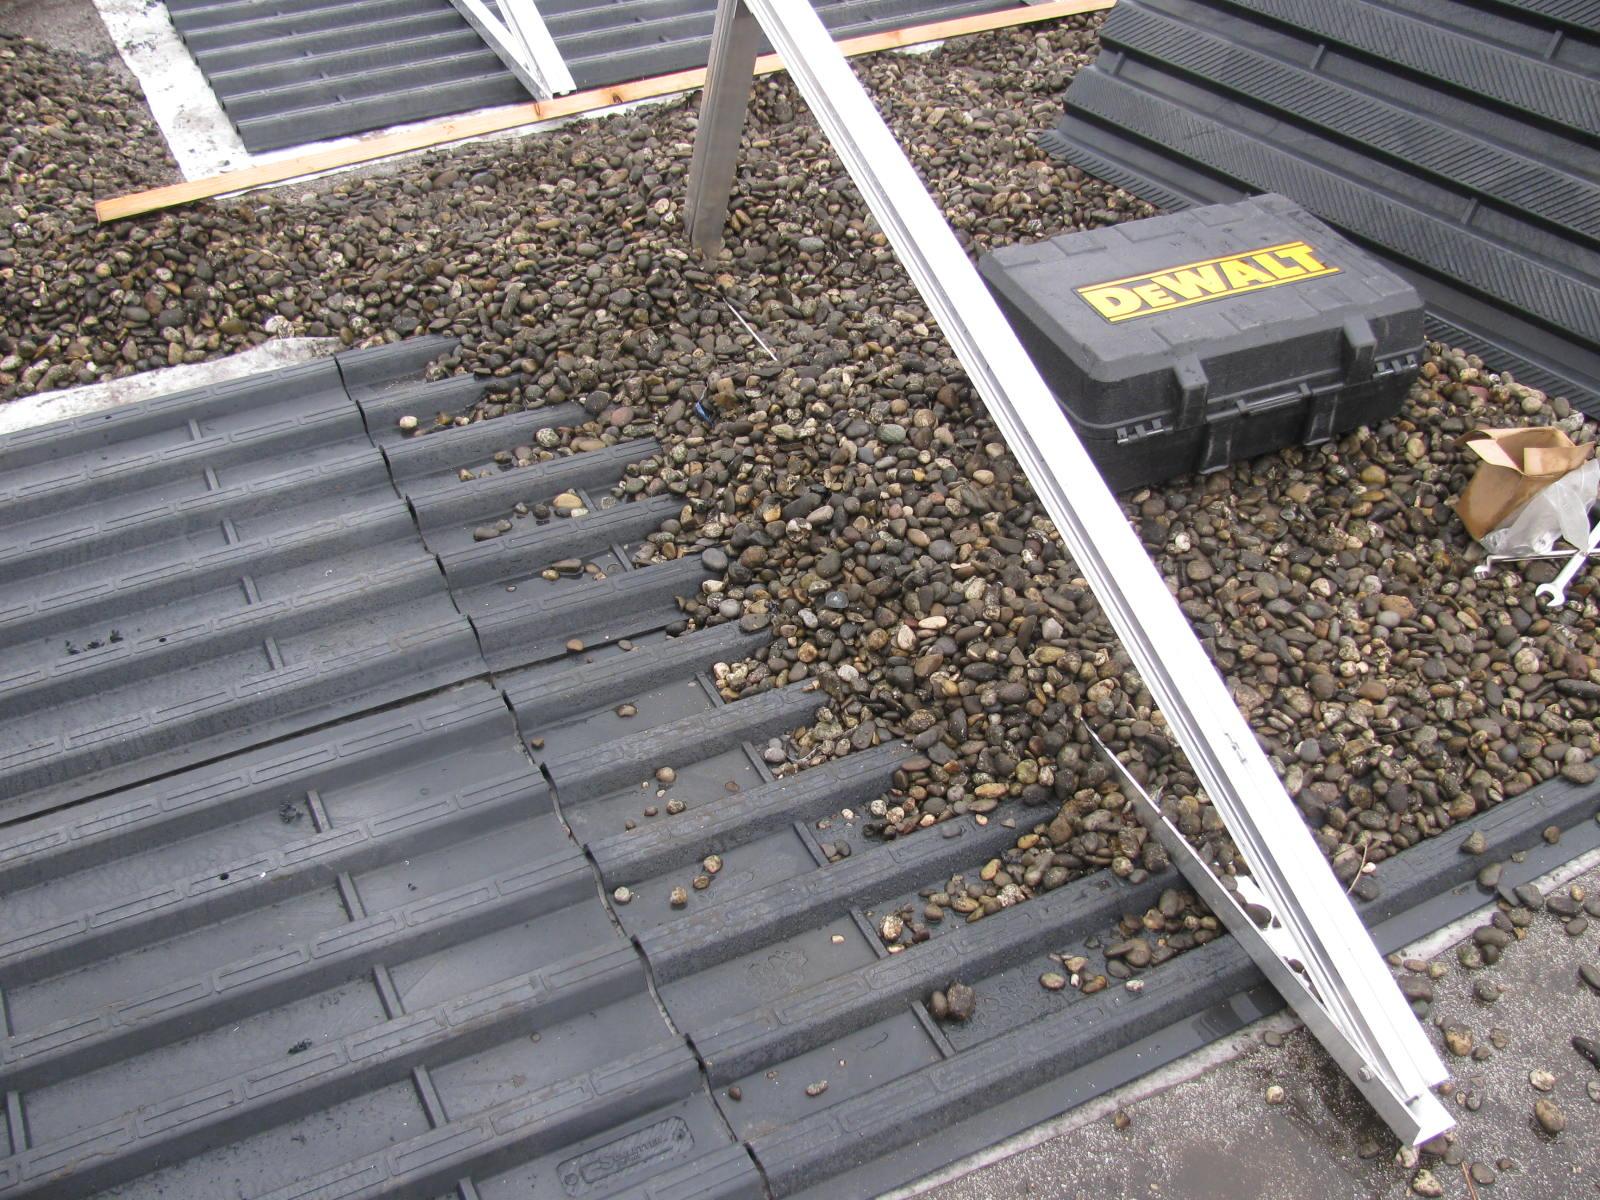 Koutec - pose de panneaux photovoltaïques